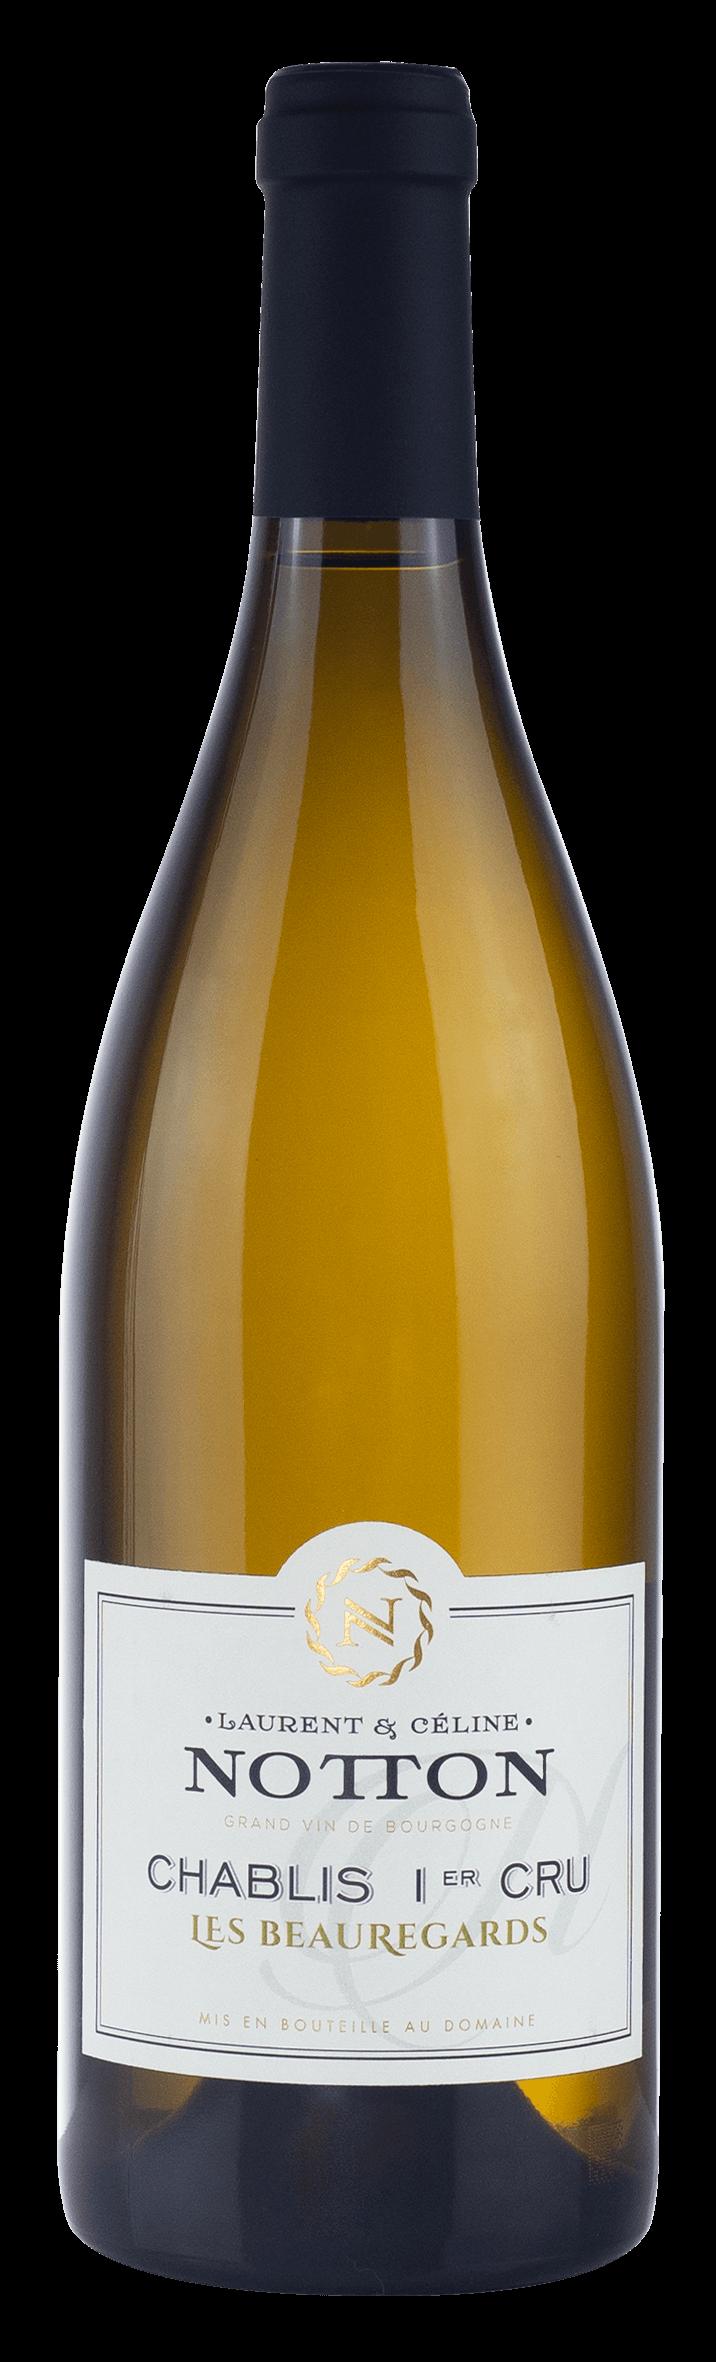 bouteille NOTTON Chablis vieilles vignes 2019